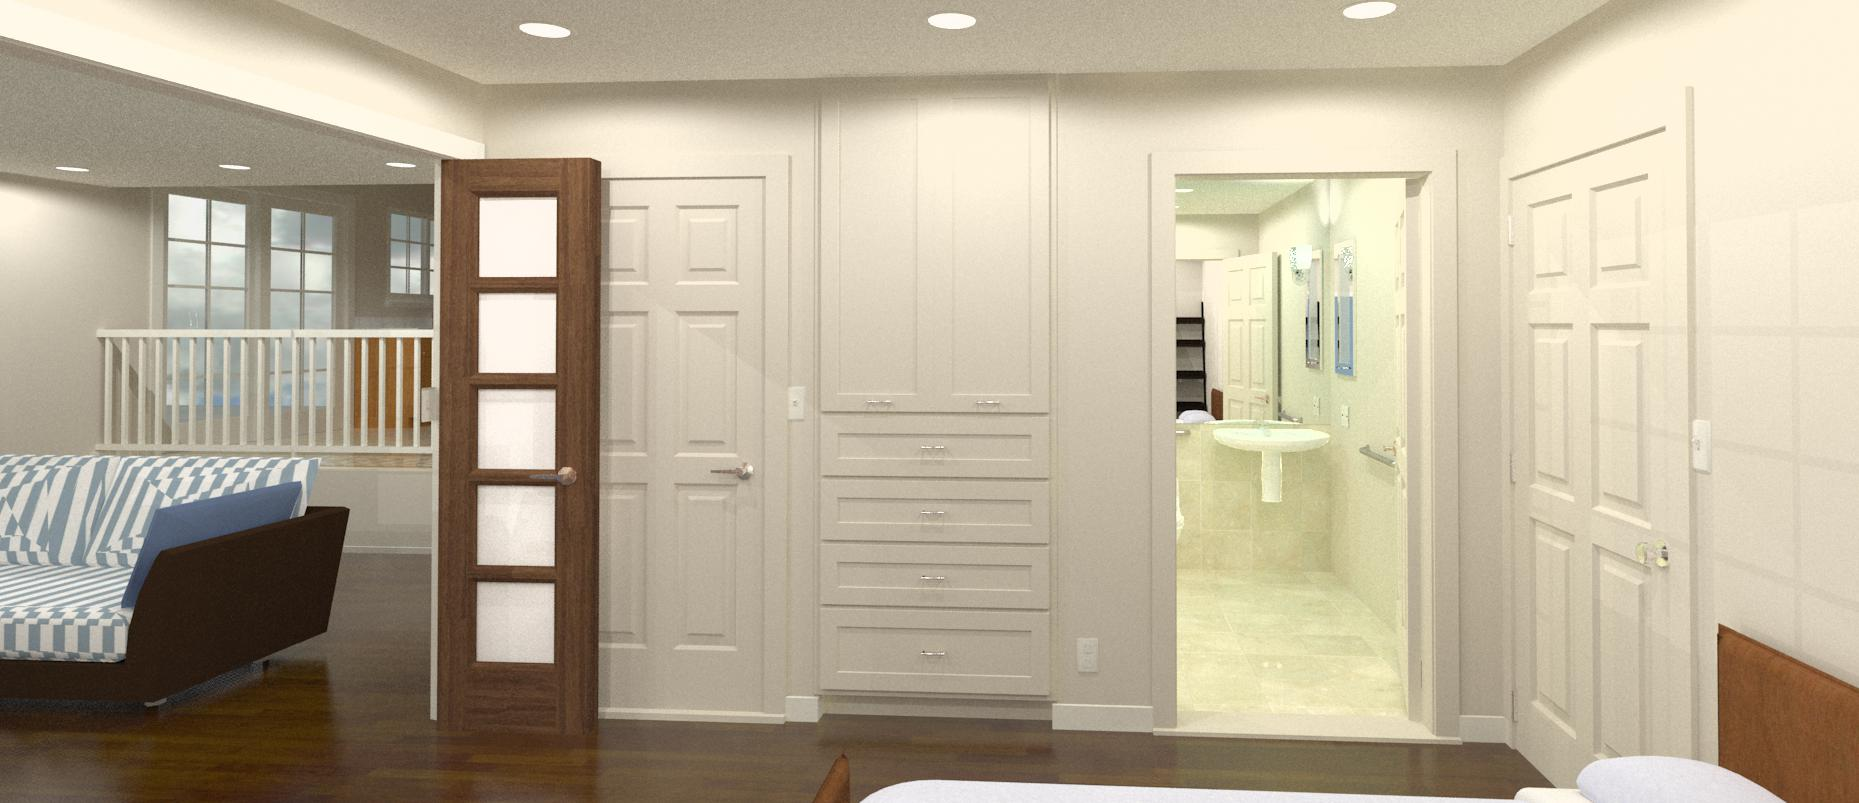 3d master suite design